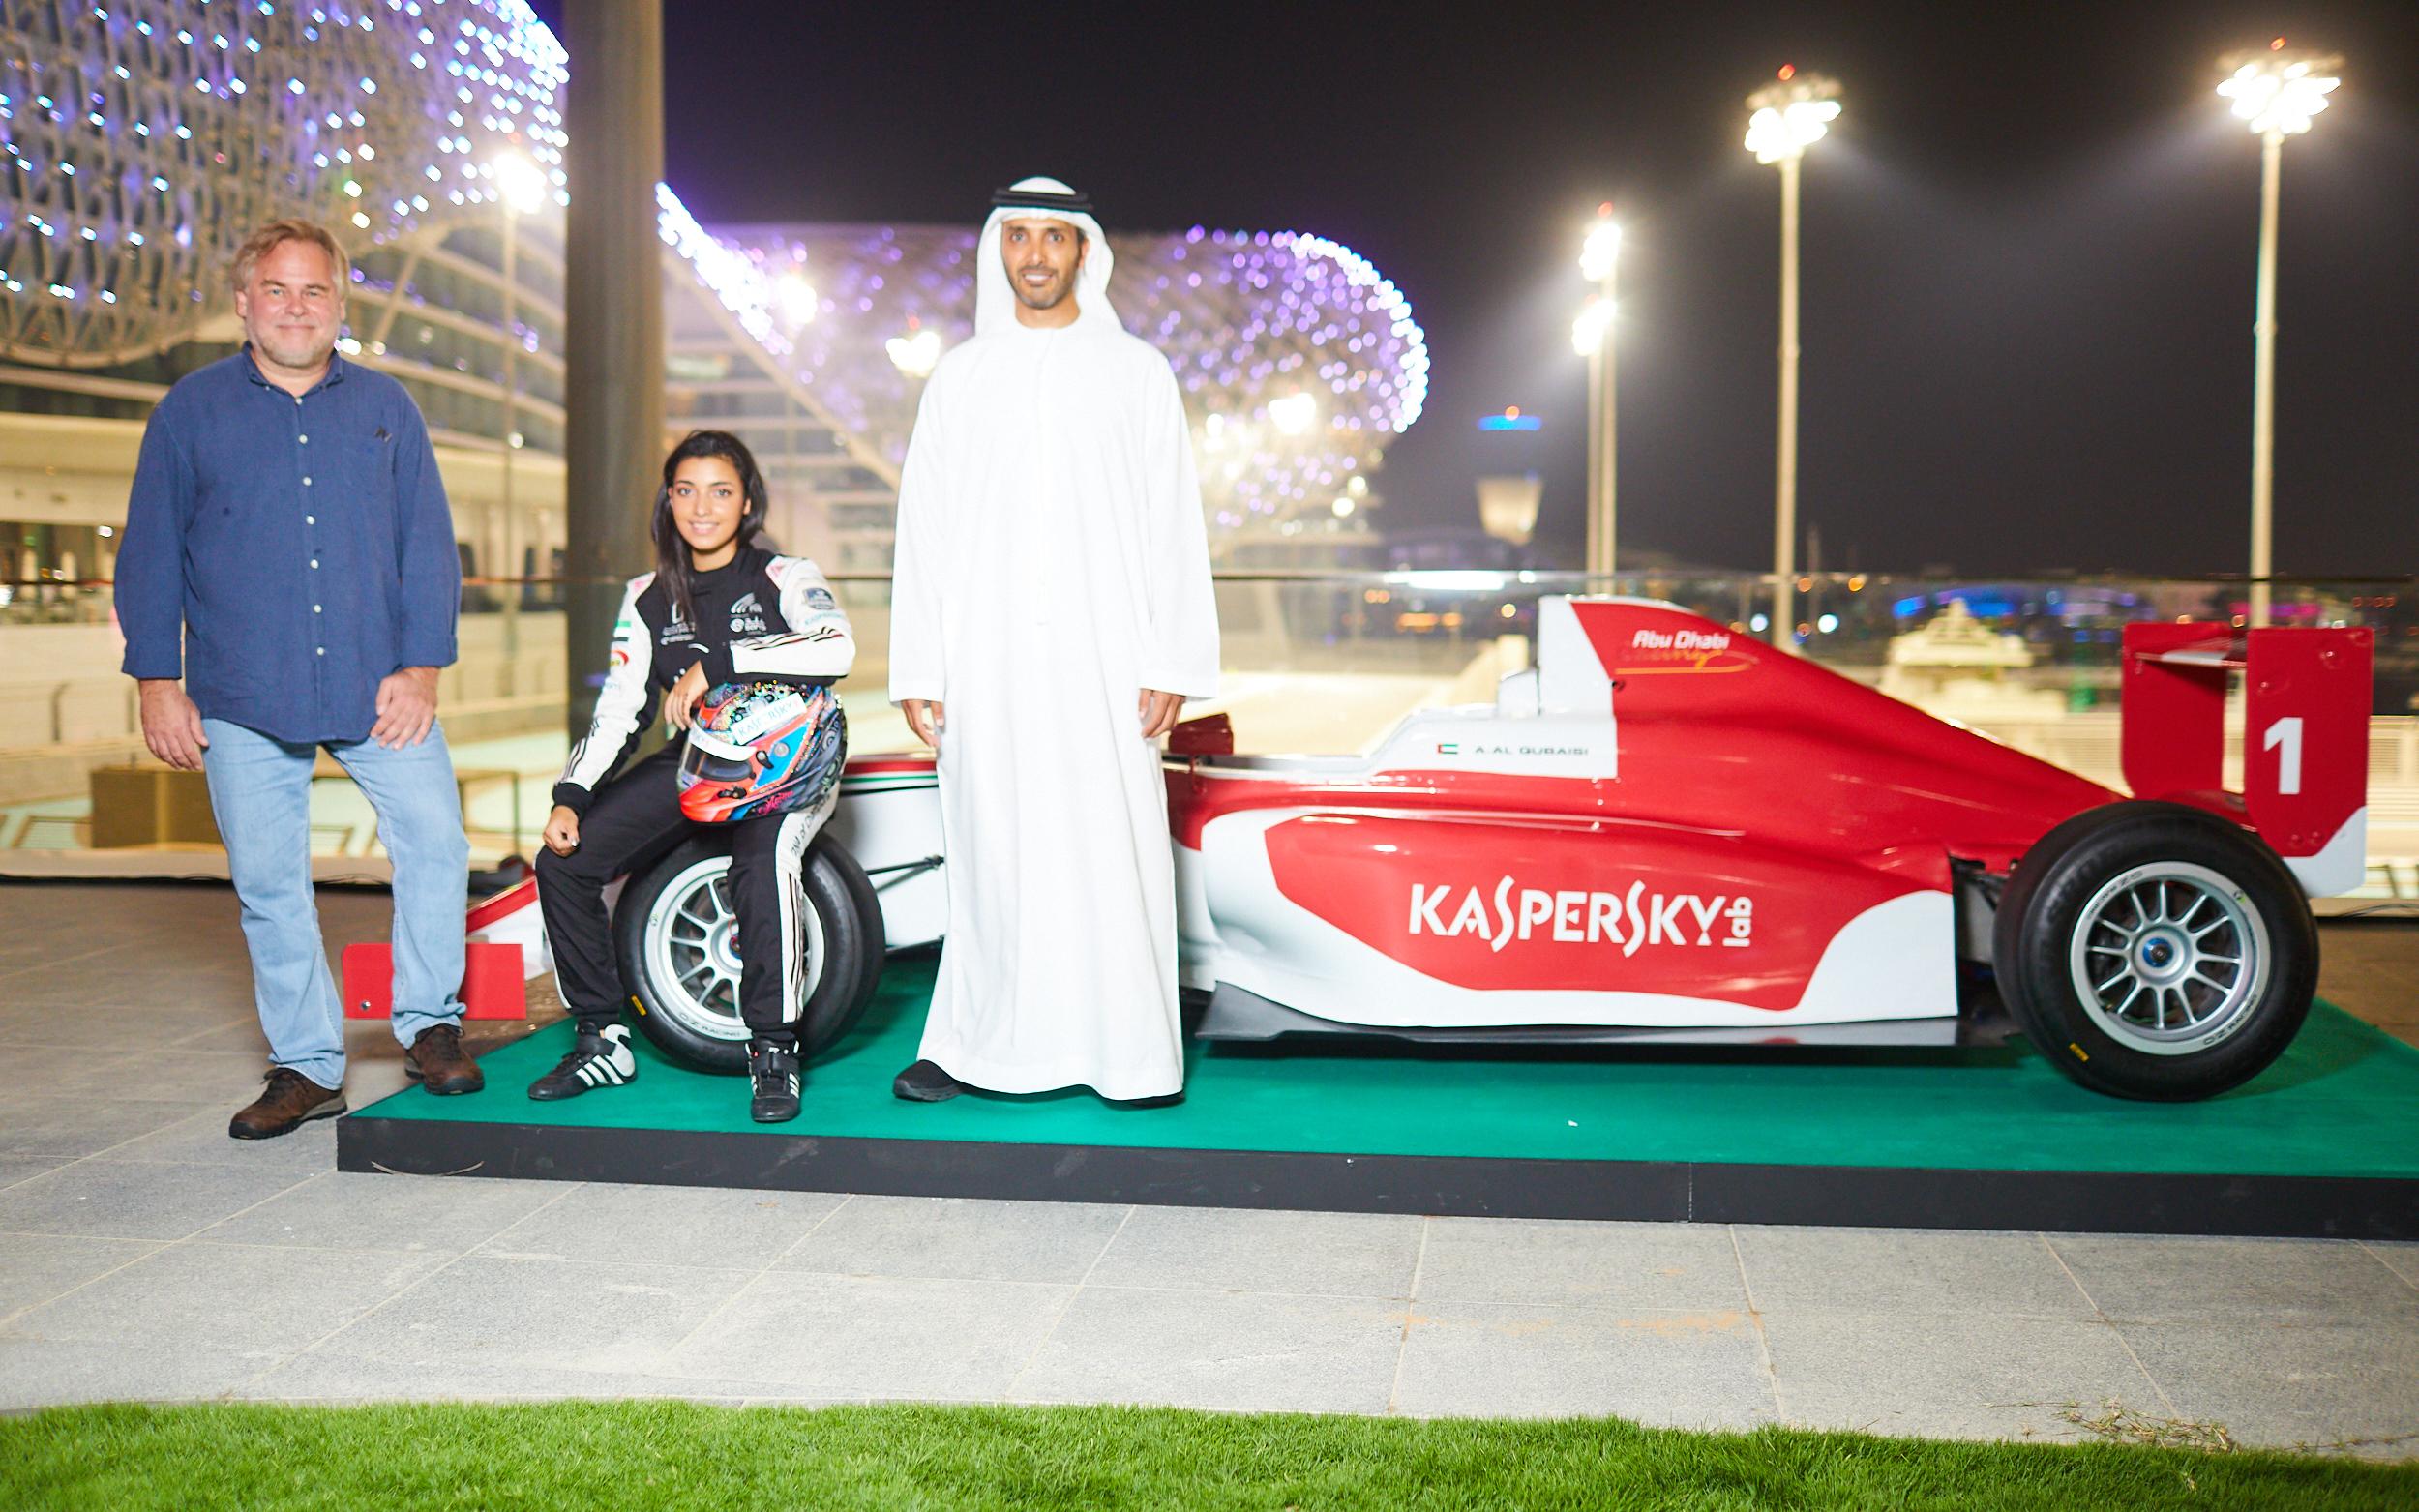 سيارة الفورمولا 4 التي ستشارك على متنها البطلة الإماراتية في السباقات الأوروبية